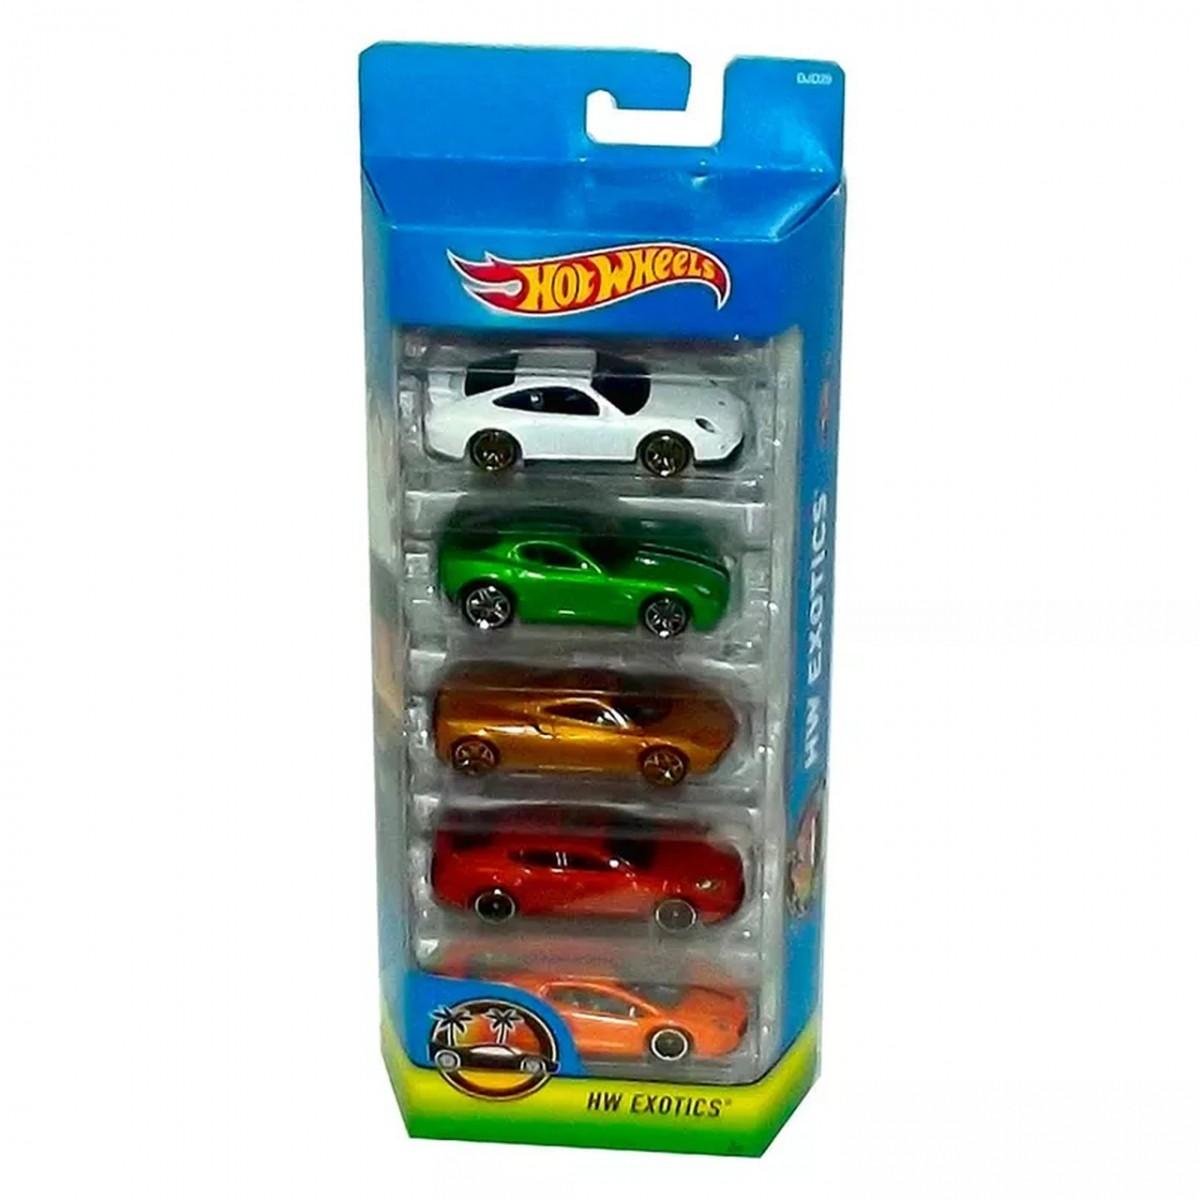 Carrinho Hot Wheels (Set com 5 Carros) HW Exotics (A)